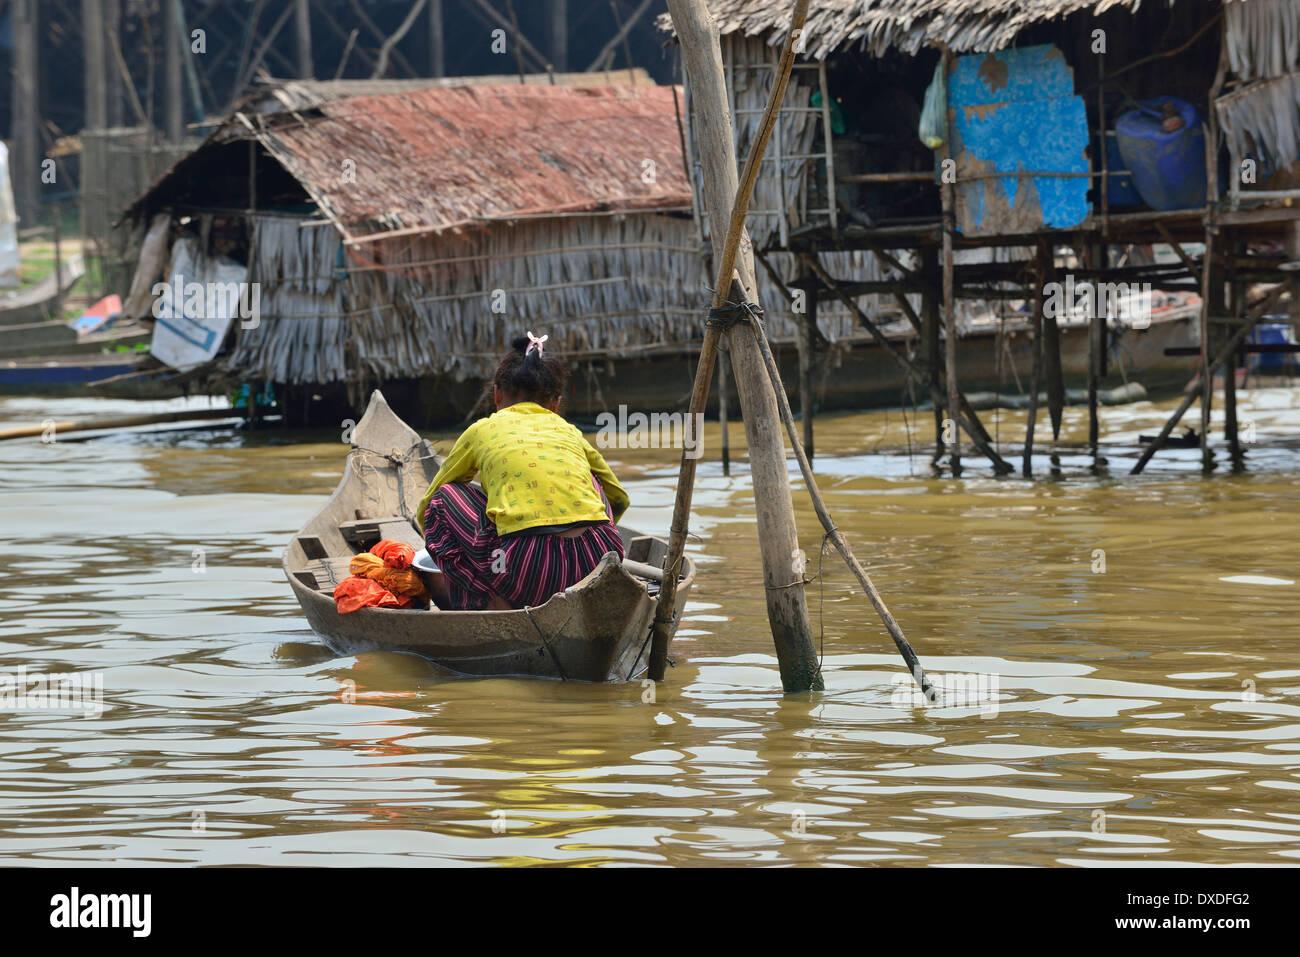 Le barche sono gli unici mezzi di trasporto in questa regione,Donna andando su di lei le faccende quotidiane sul fiume vicino al lago Tonle Sap, Cambogia Immagini Stock